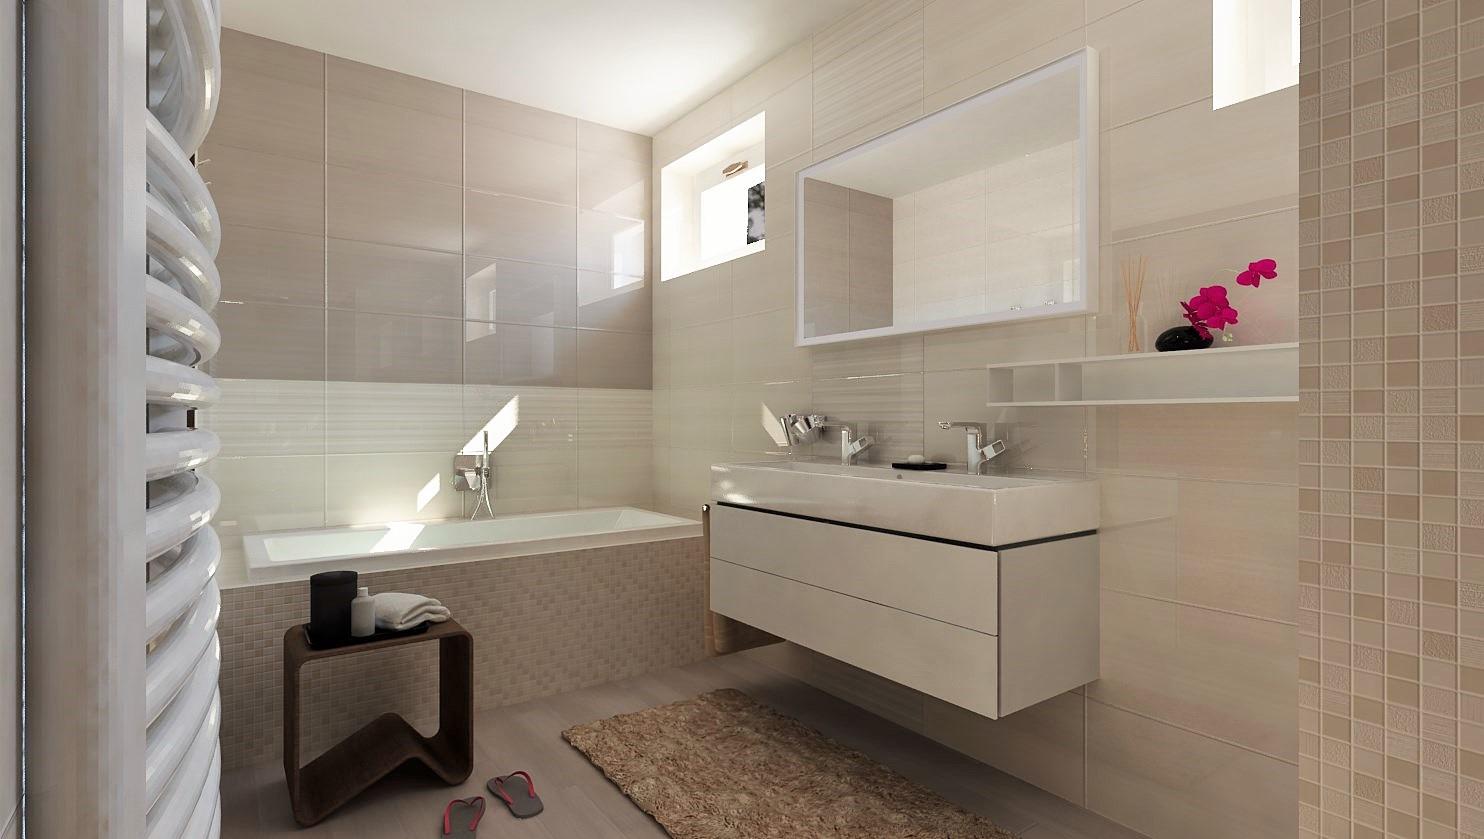 Návrhy a vizualizácie kúpeľní - Obrázok č. 57